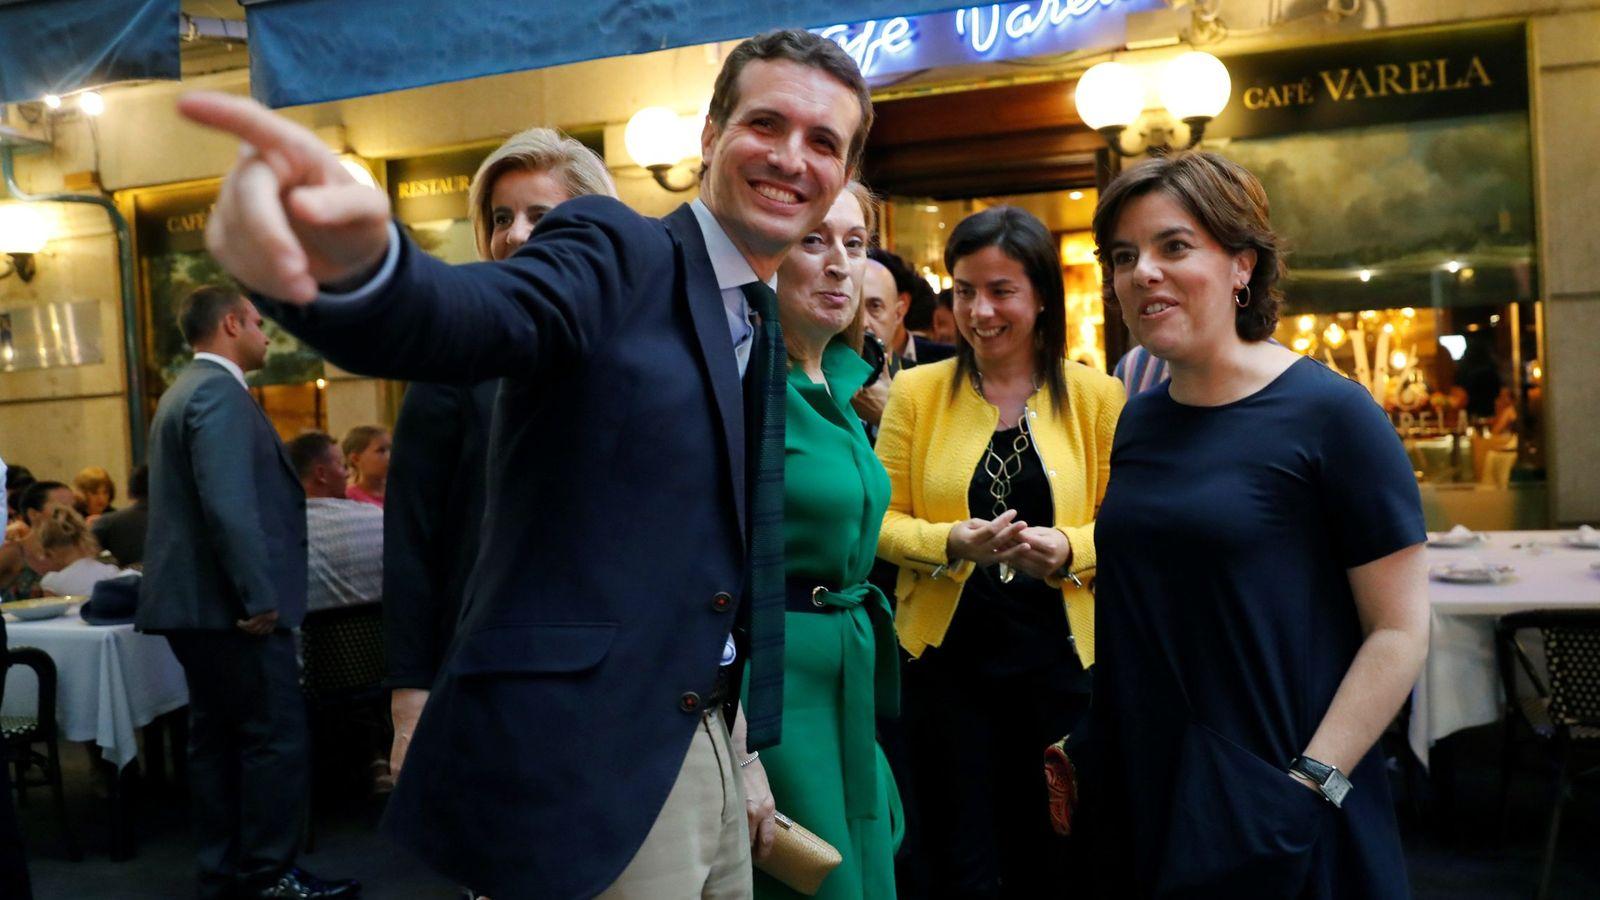 Foto: Los candidatos a la presidencia del PP, Pablo Casado y Soraya Sáenz de Santamaría (d), a su llegada a la cena que celebró el Grupo Popular el 10 de julio. (EFE)